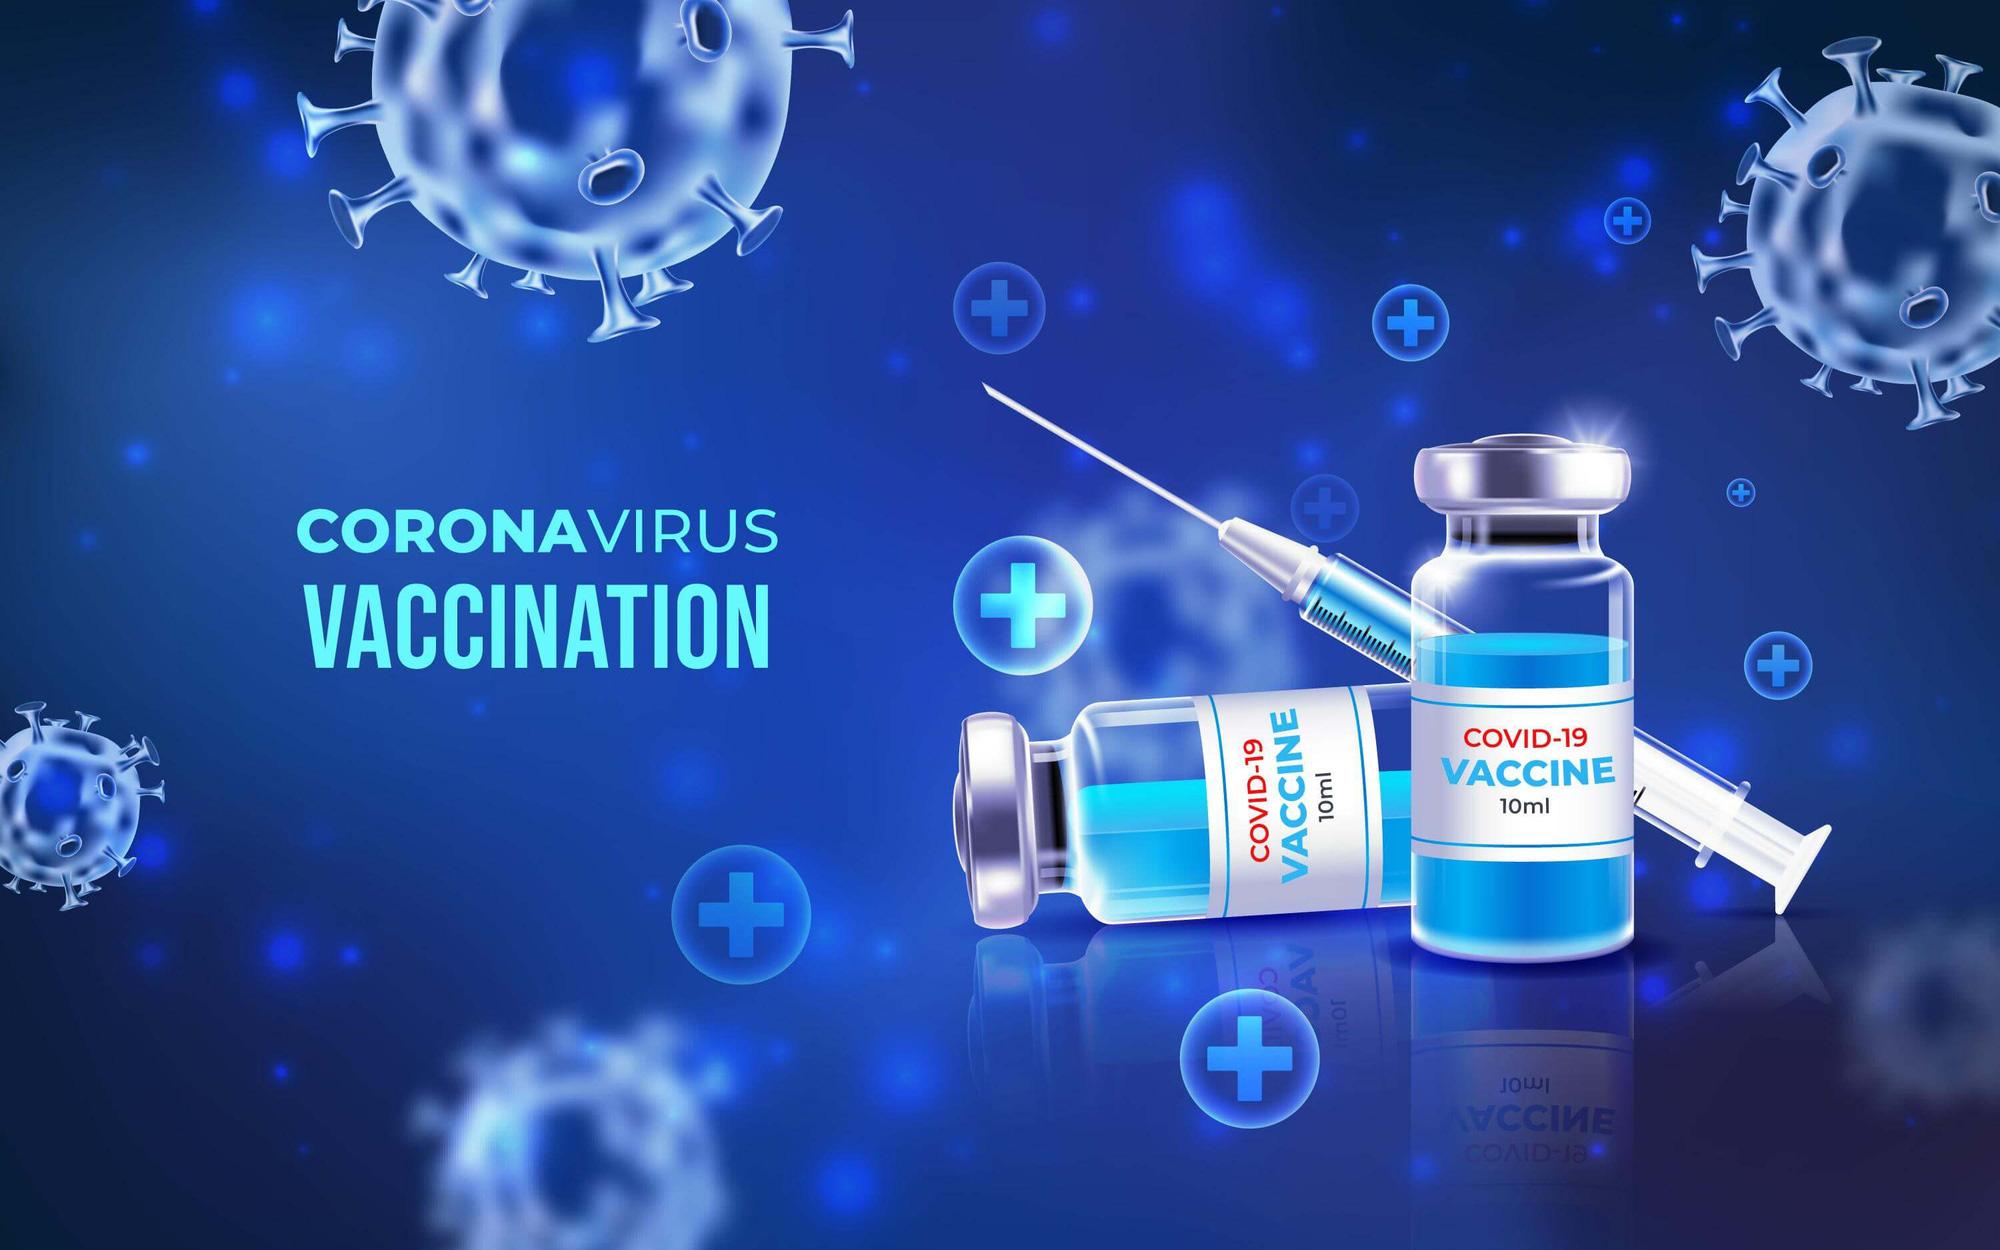 Sau tiêm vaccine, phát hiện không có kháng thể thì bạn có được bảo vệ?